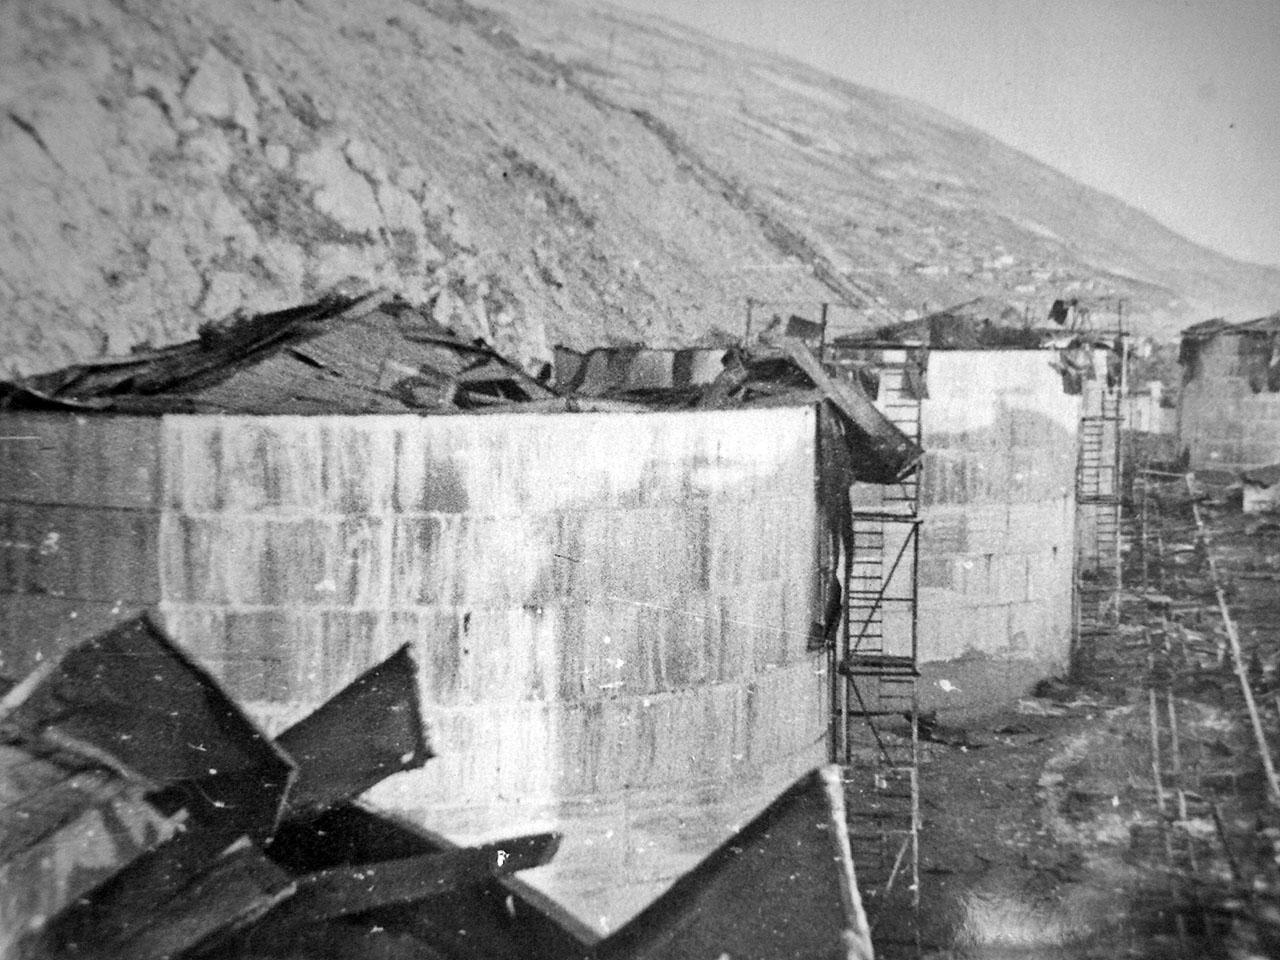 Разрушения на нефтебазе. Магаданский торговый порт. Последствия взрывов пароходов 19 декабря 1947 года.